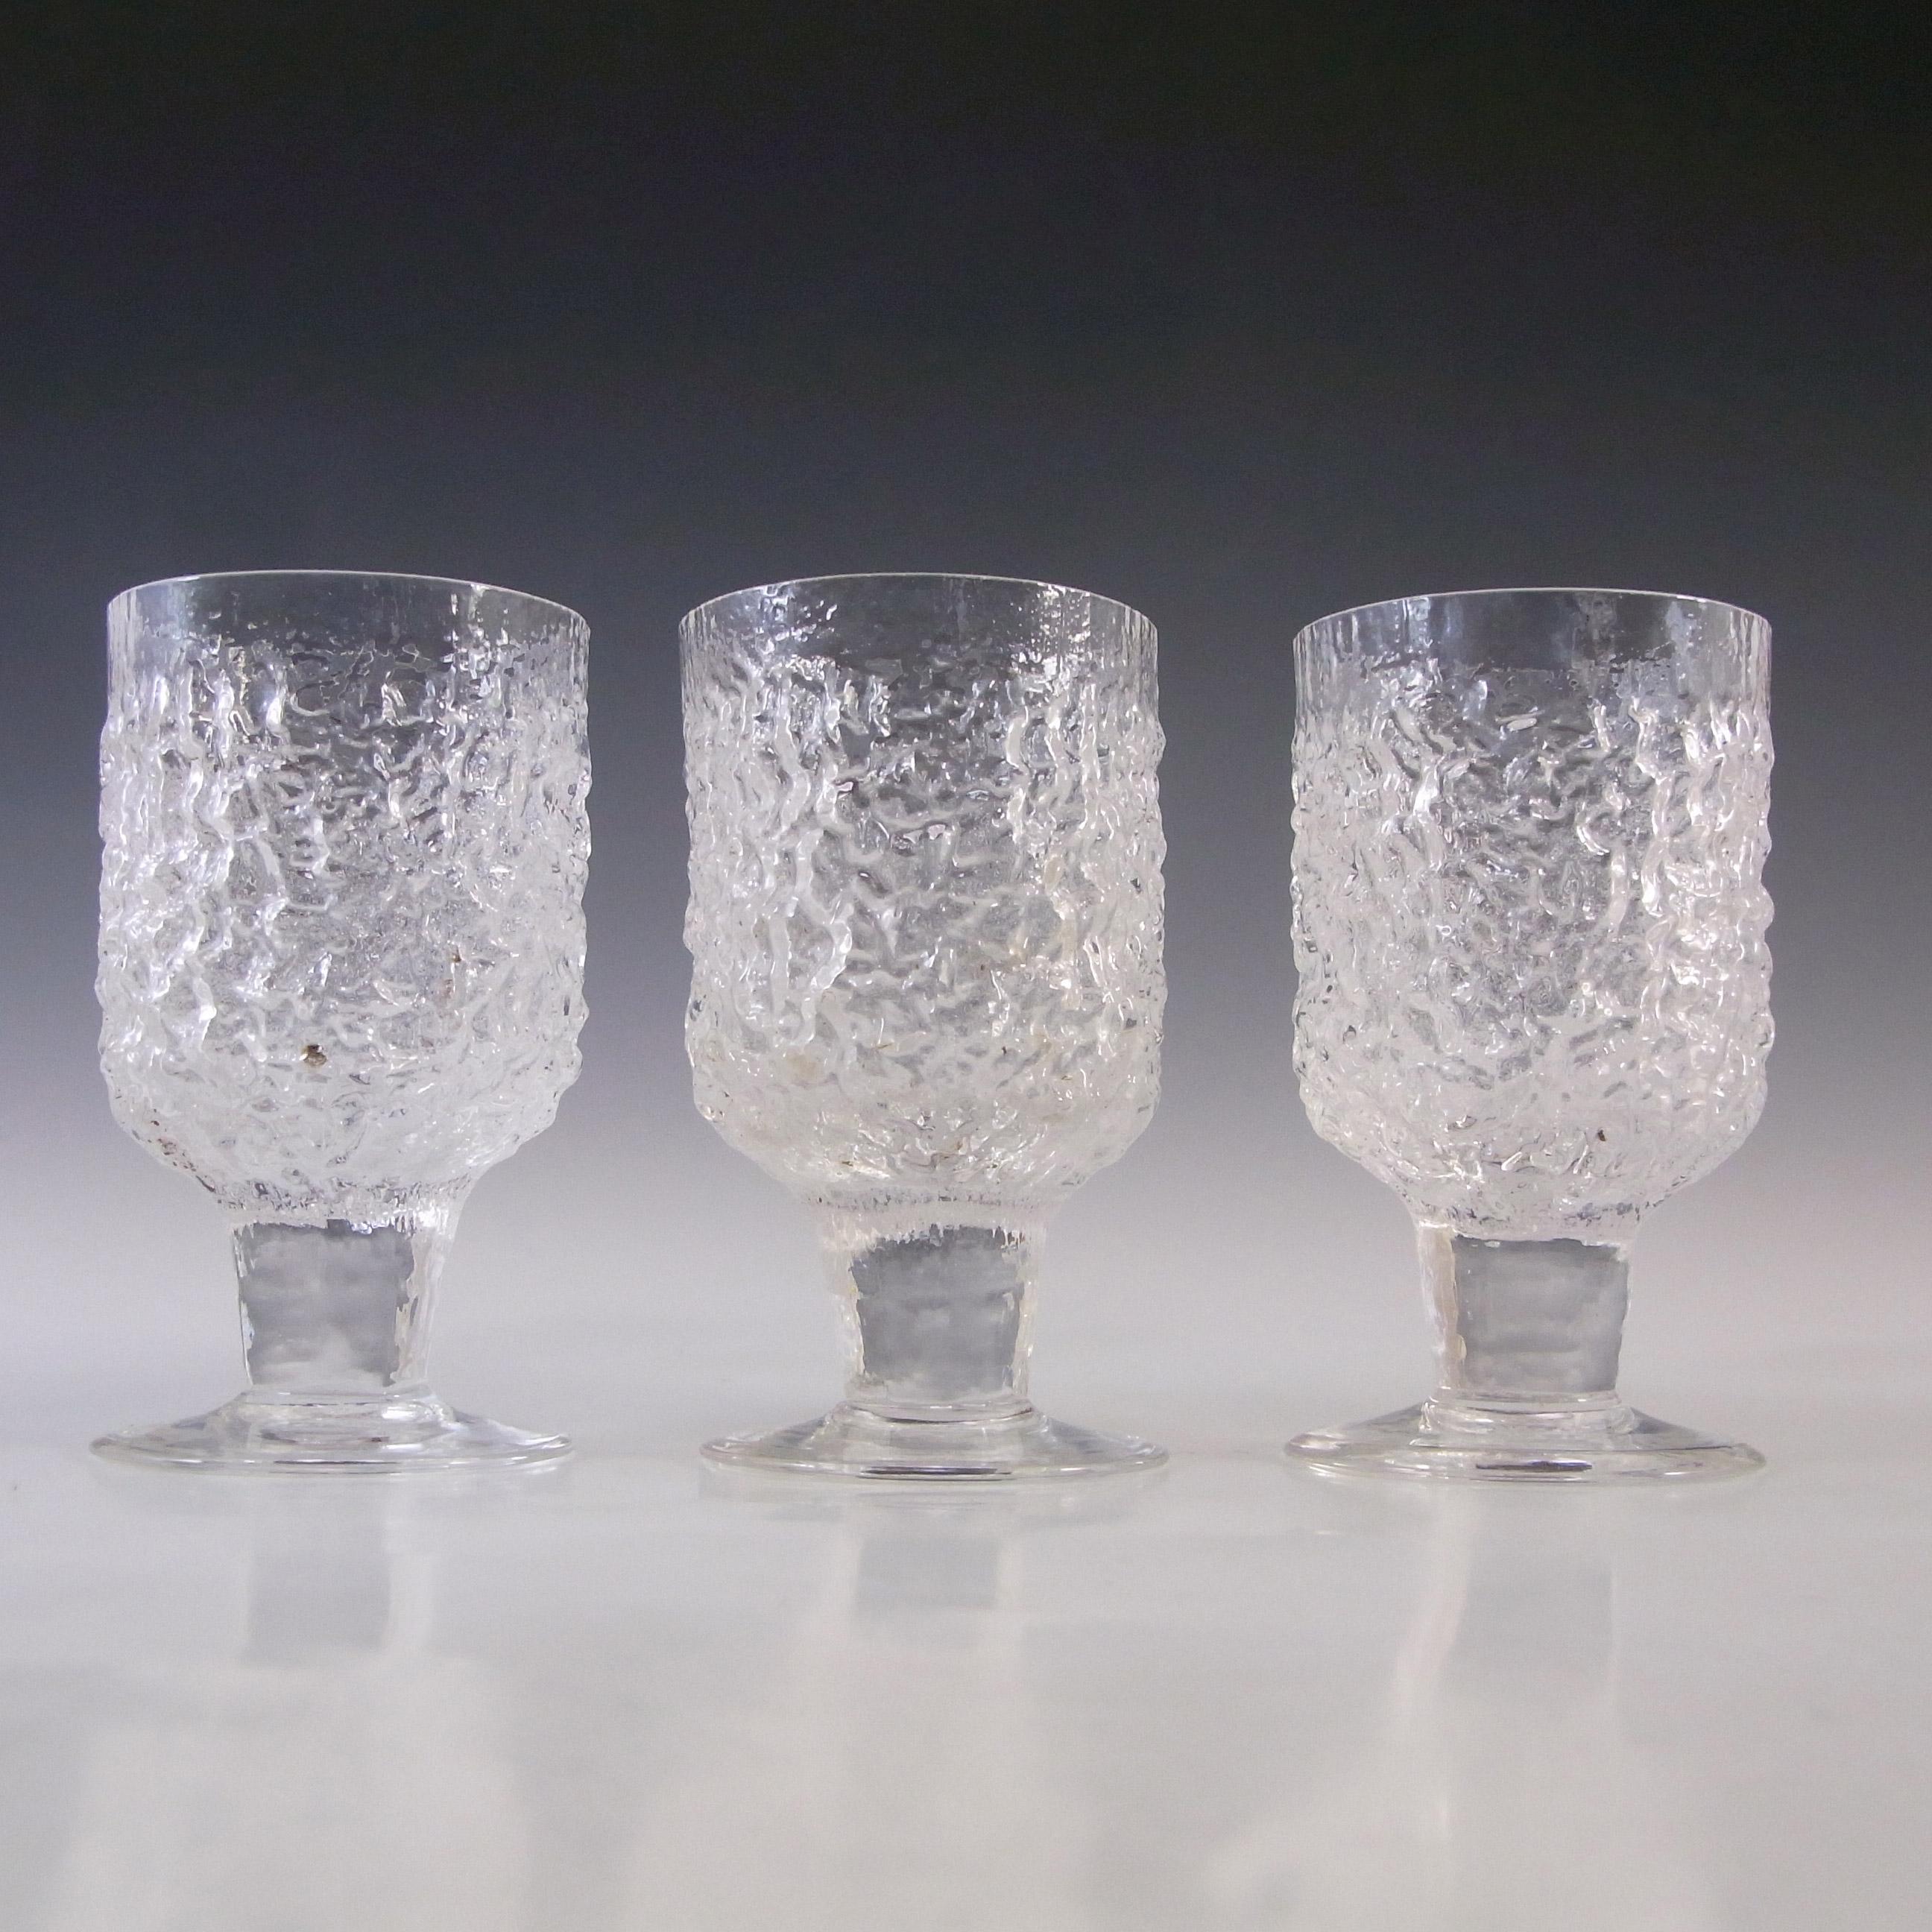 Whitefriars #M155 Geoffrey Baxter Textured Sherry / Wine Glasses